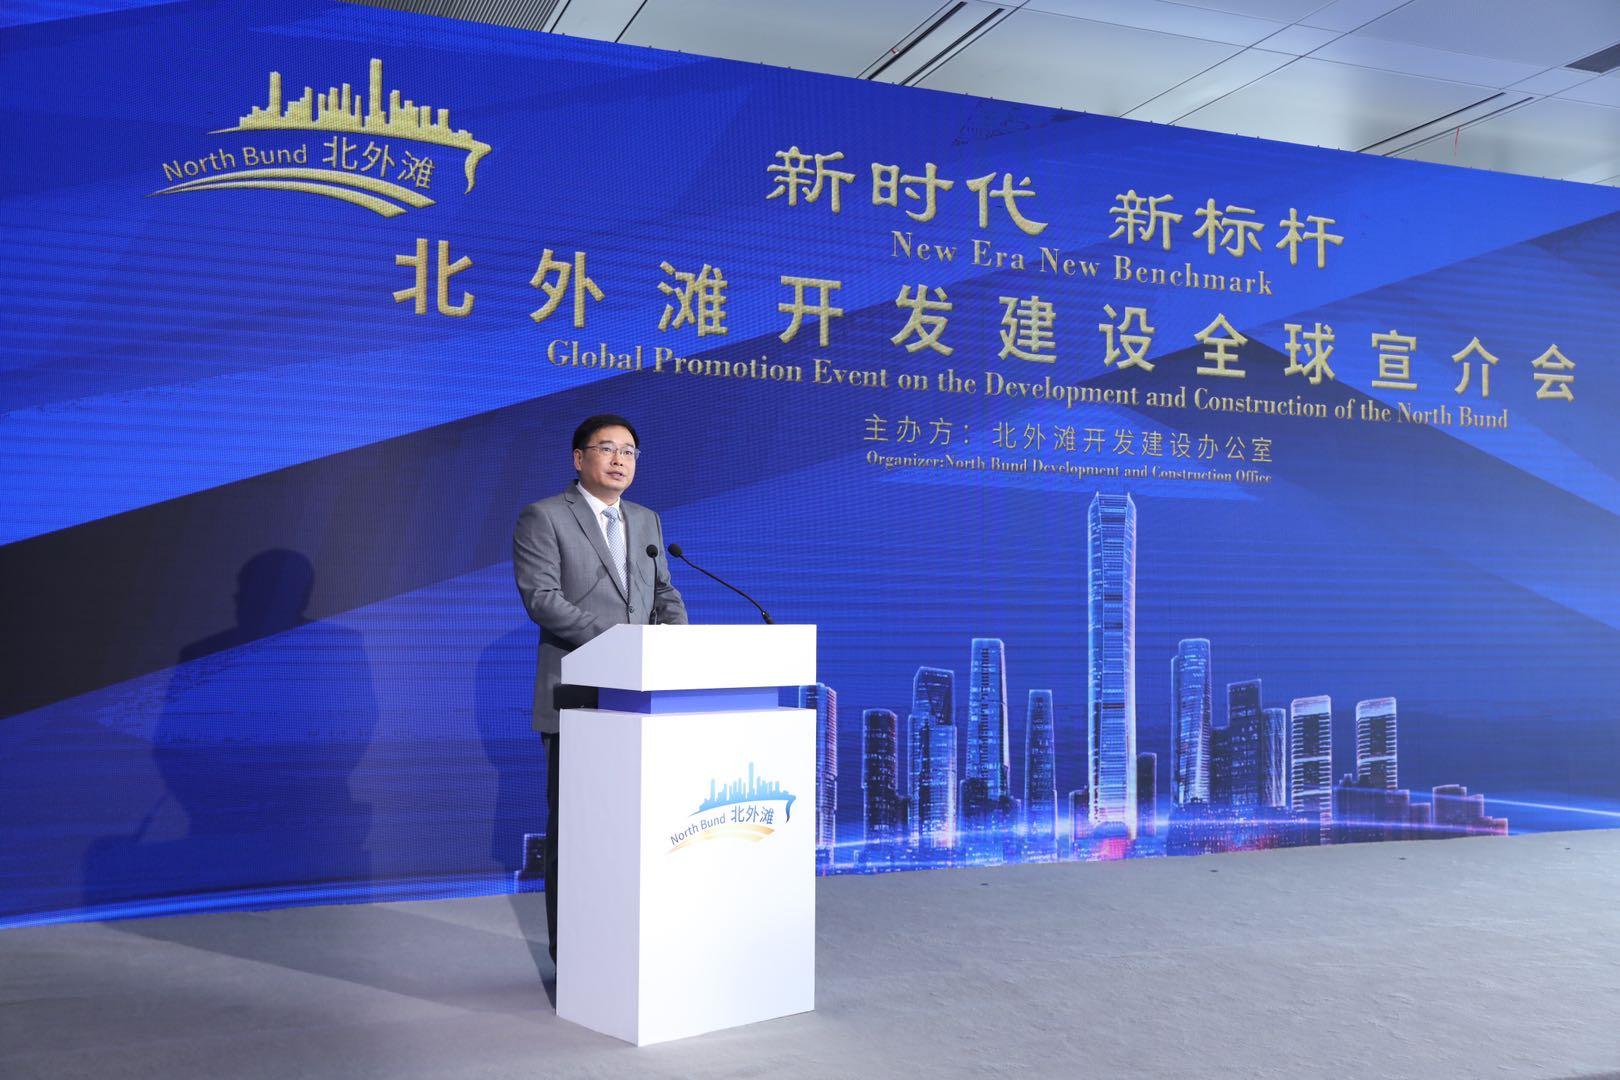 上海市政府副市长、北外滩地区规划和建设推进工作领导小组组长汤志平